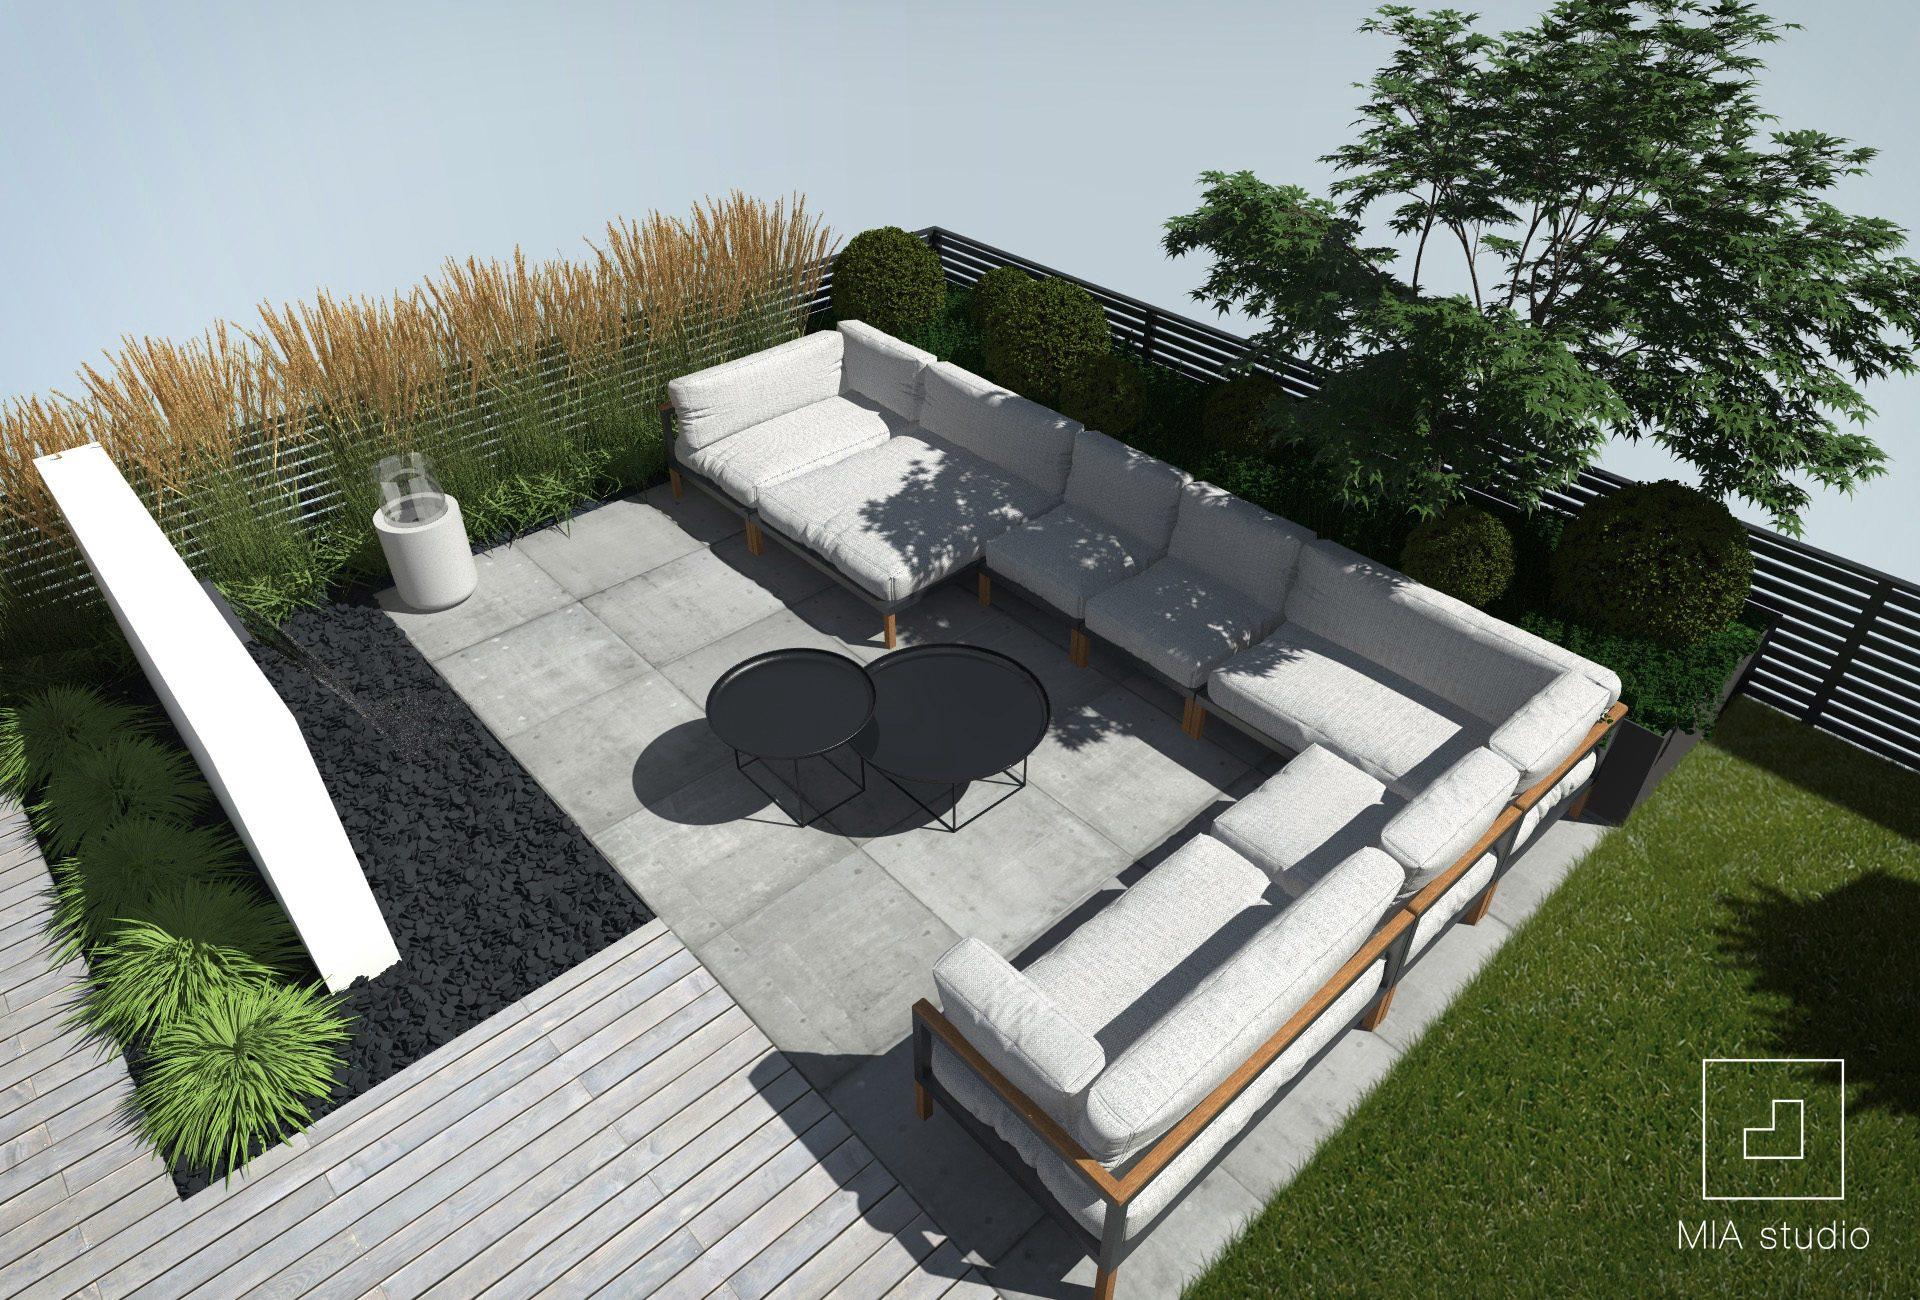 meble ogrodowe na tarasie